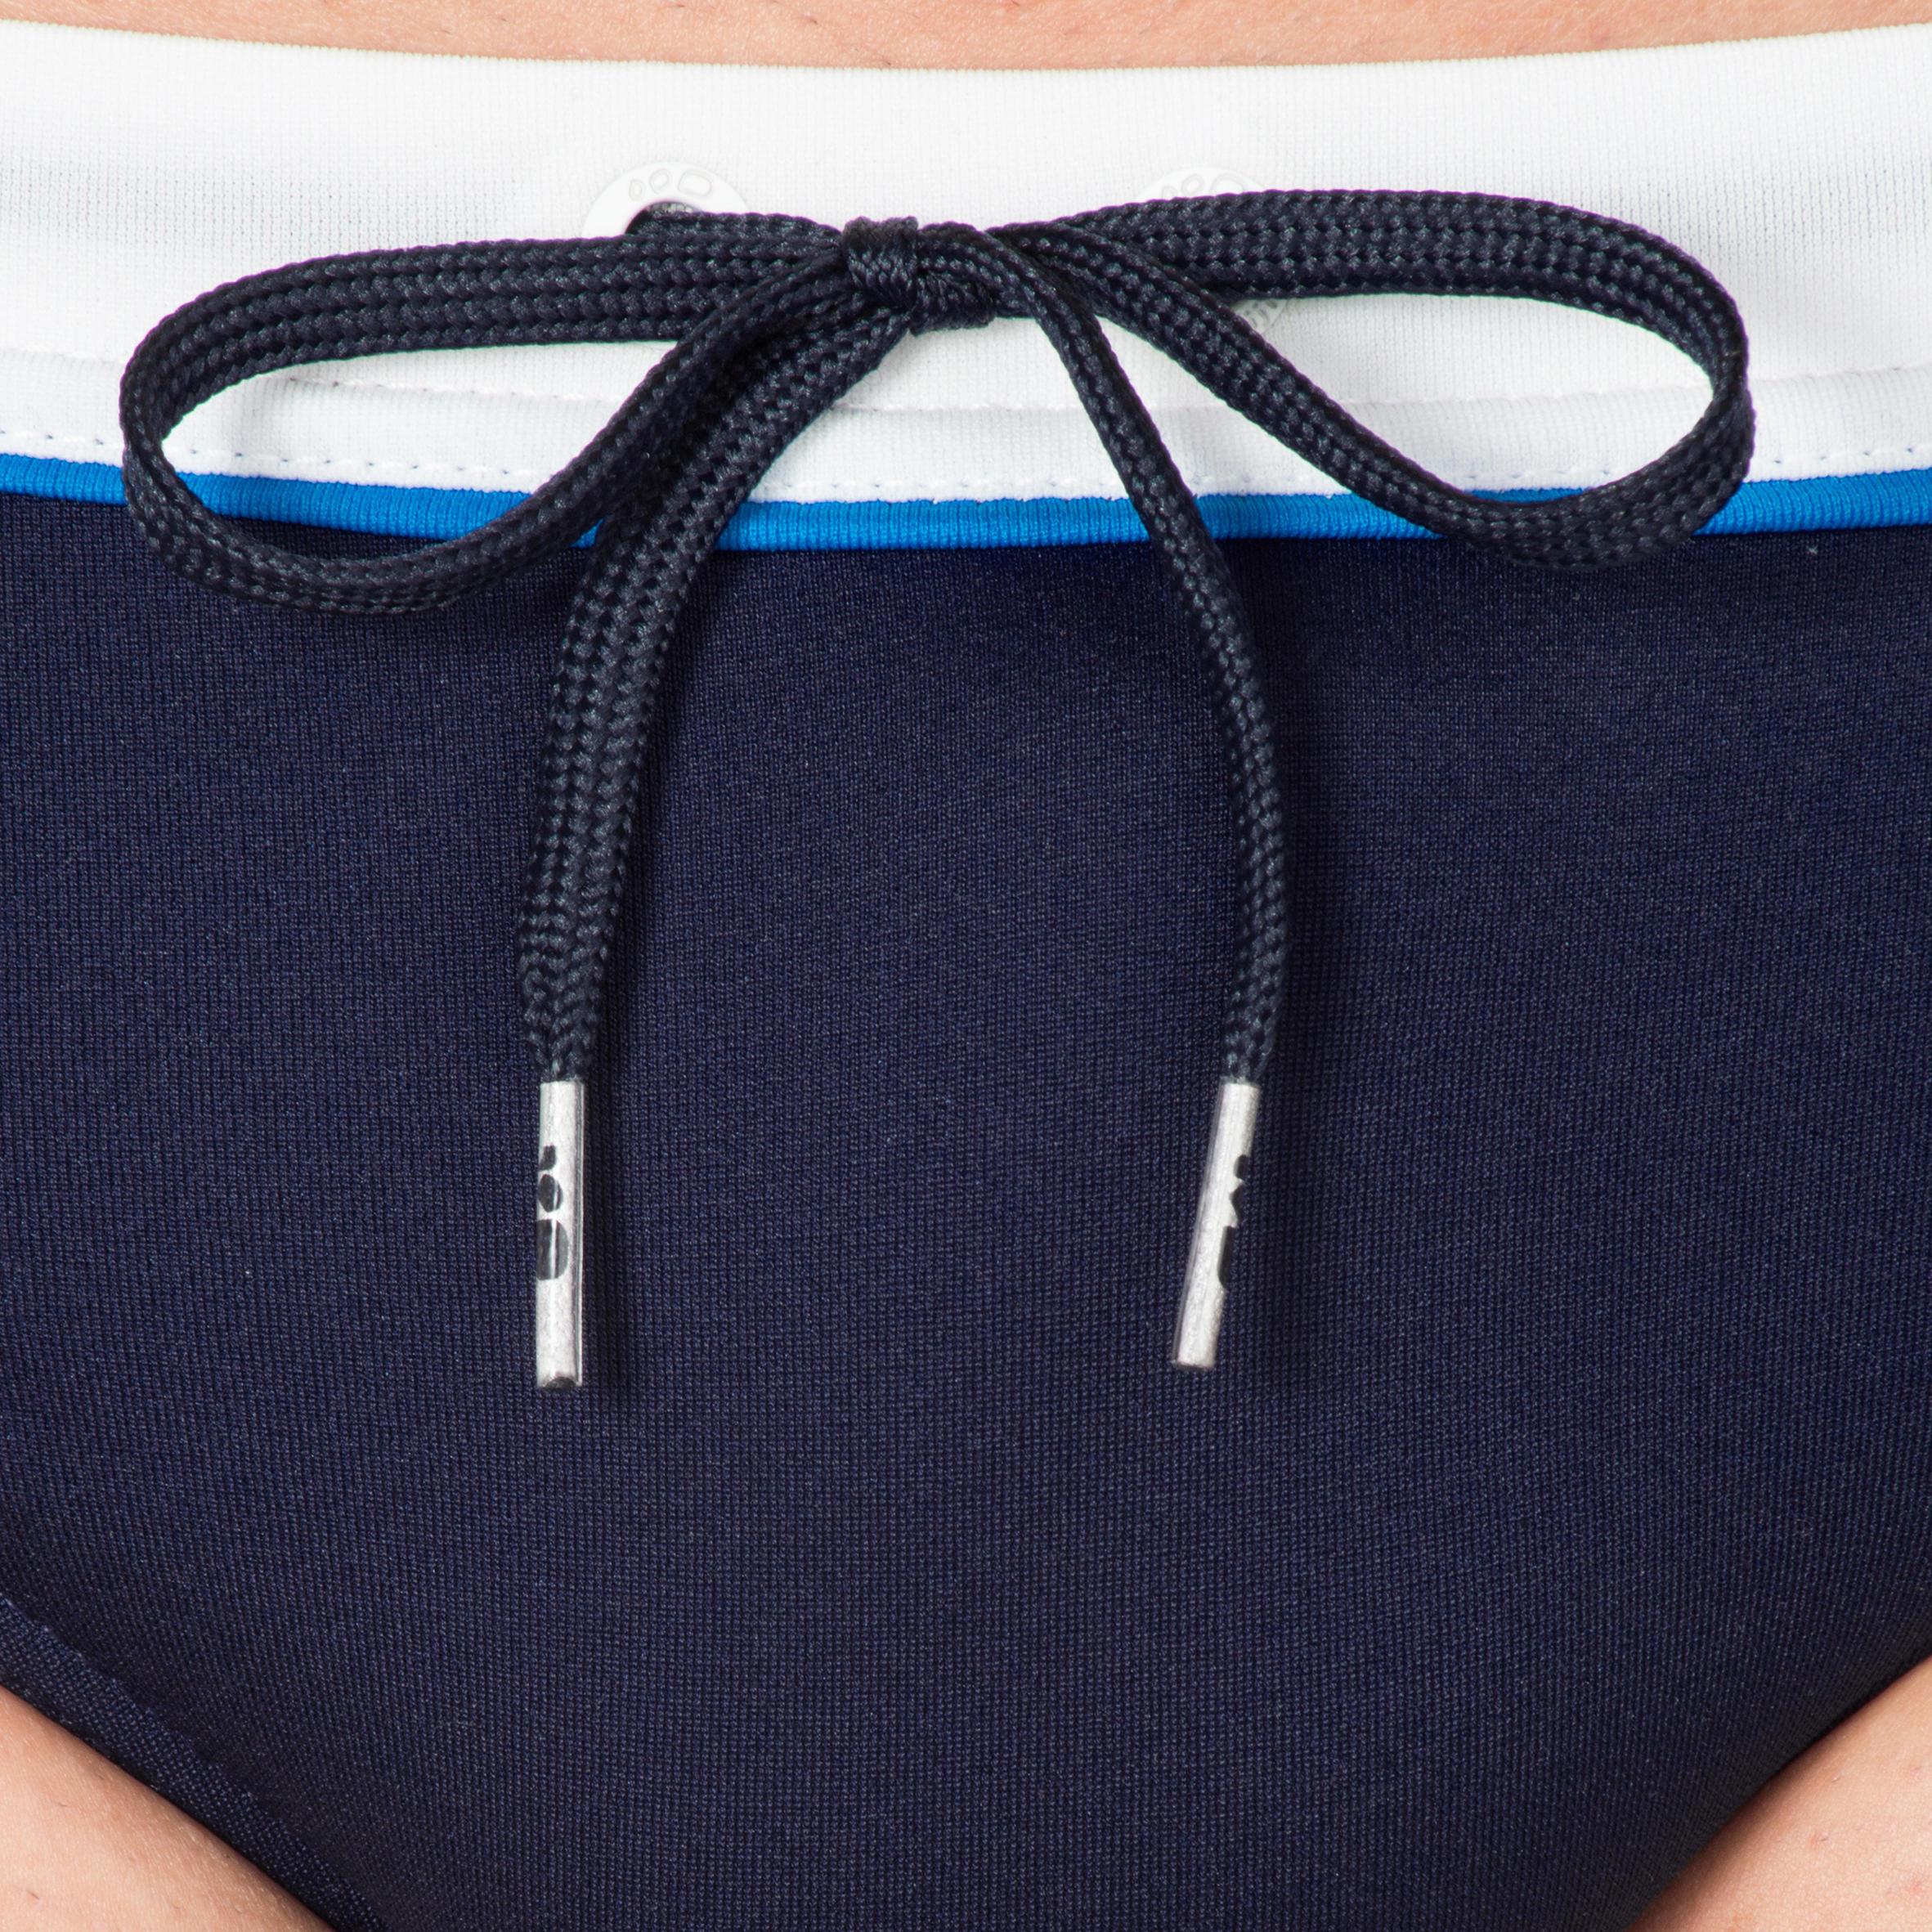 Traje Azul Calzoncillo Para De Blanco Natación B Sporty Pep Hombre ulFKJc35T1